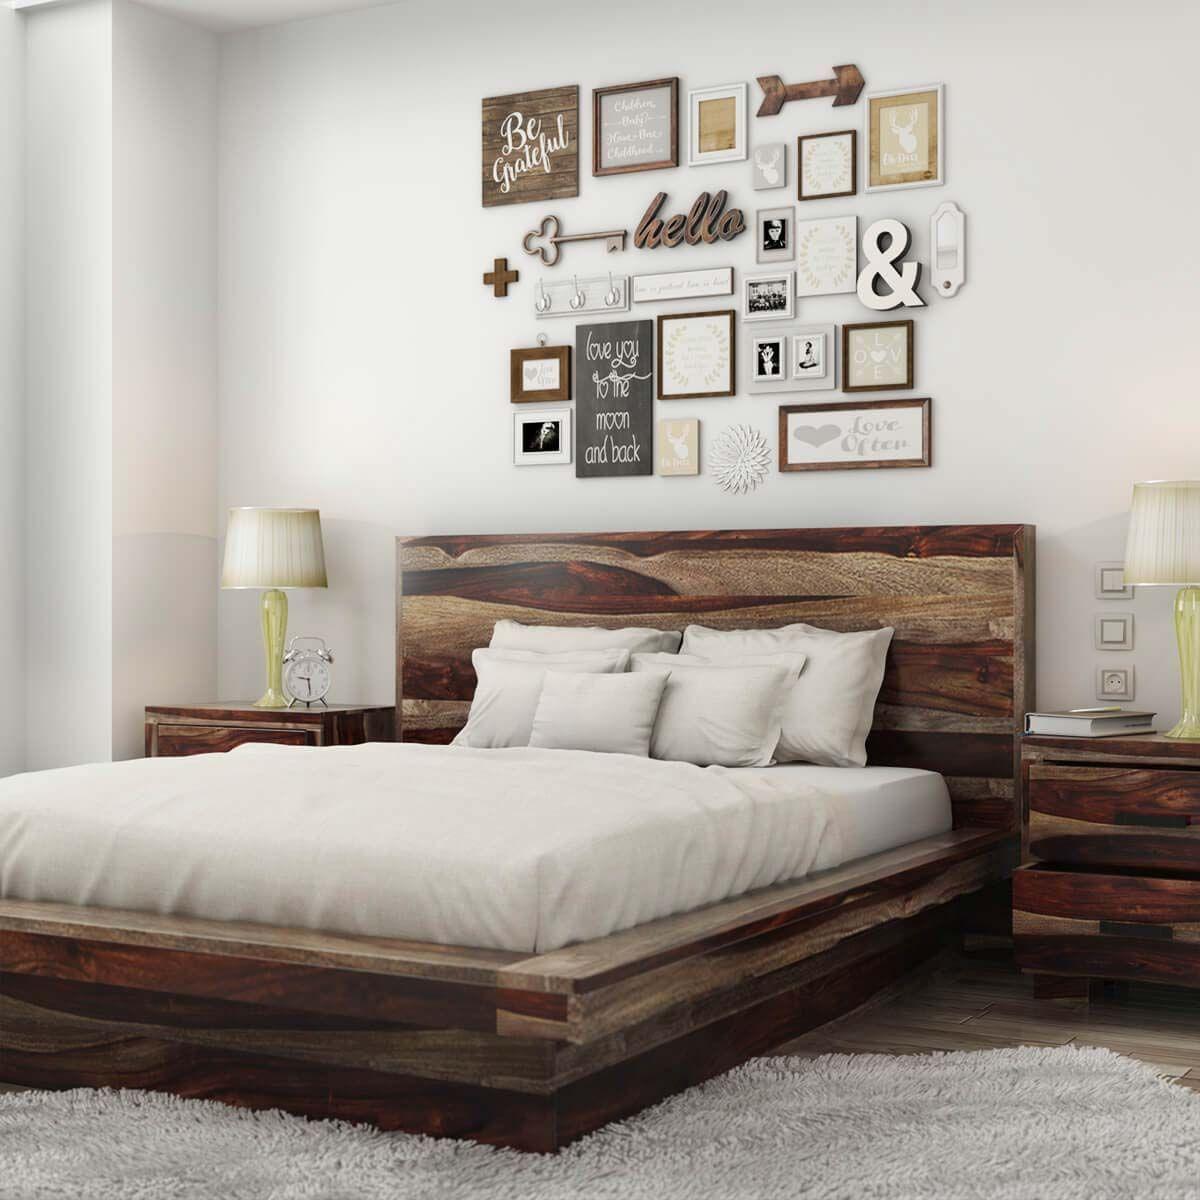 Delaware Solid Wood Platform Bed Frame: Virginia Modern Handcrafted Solid Wood Platform Bed In